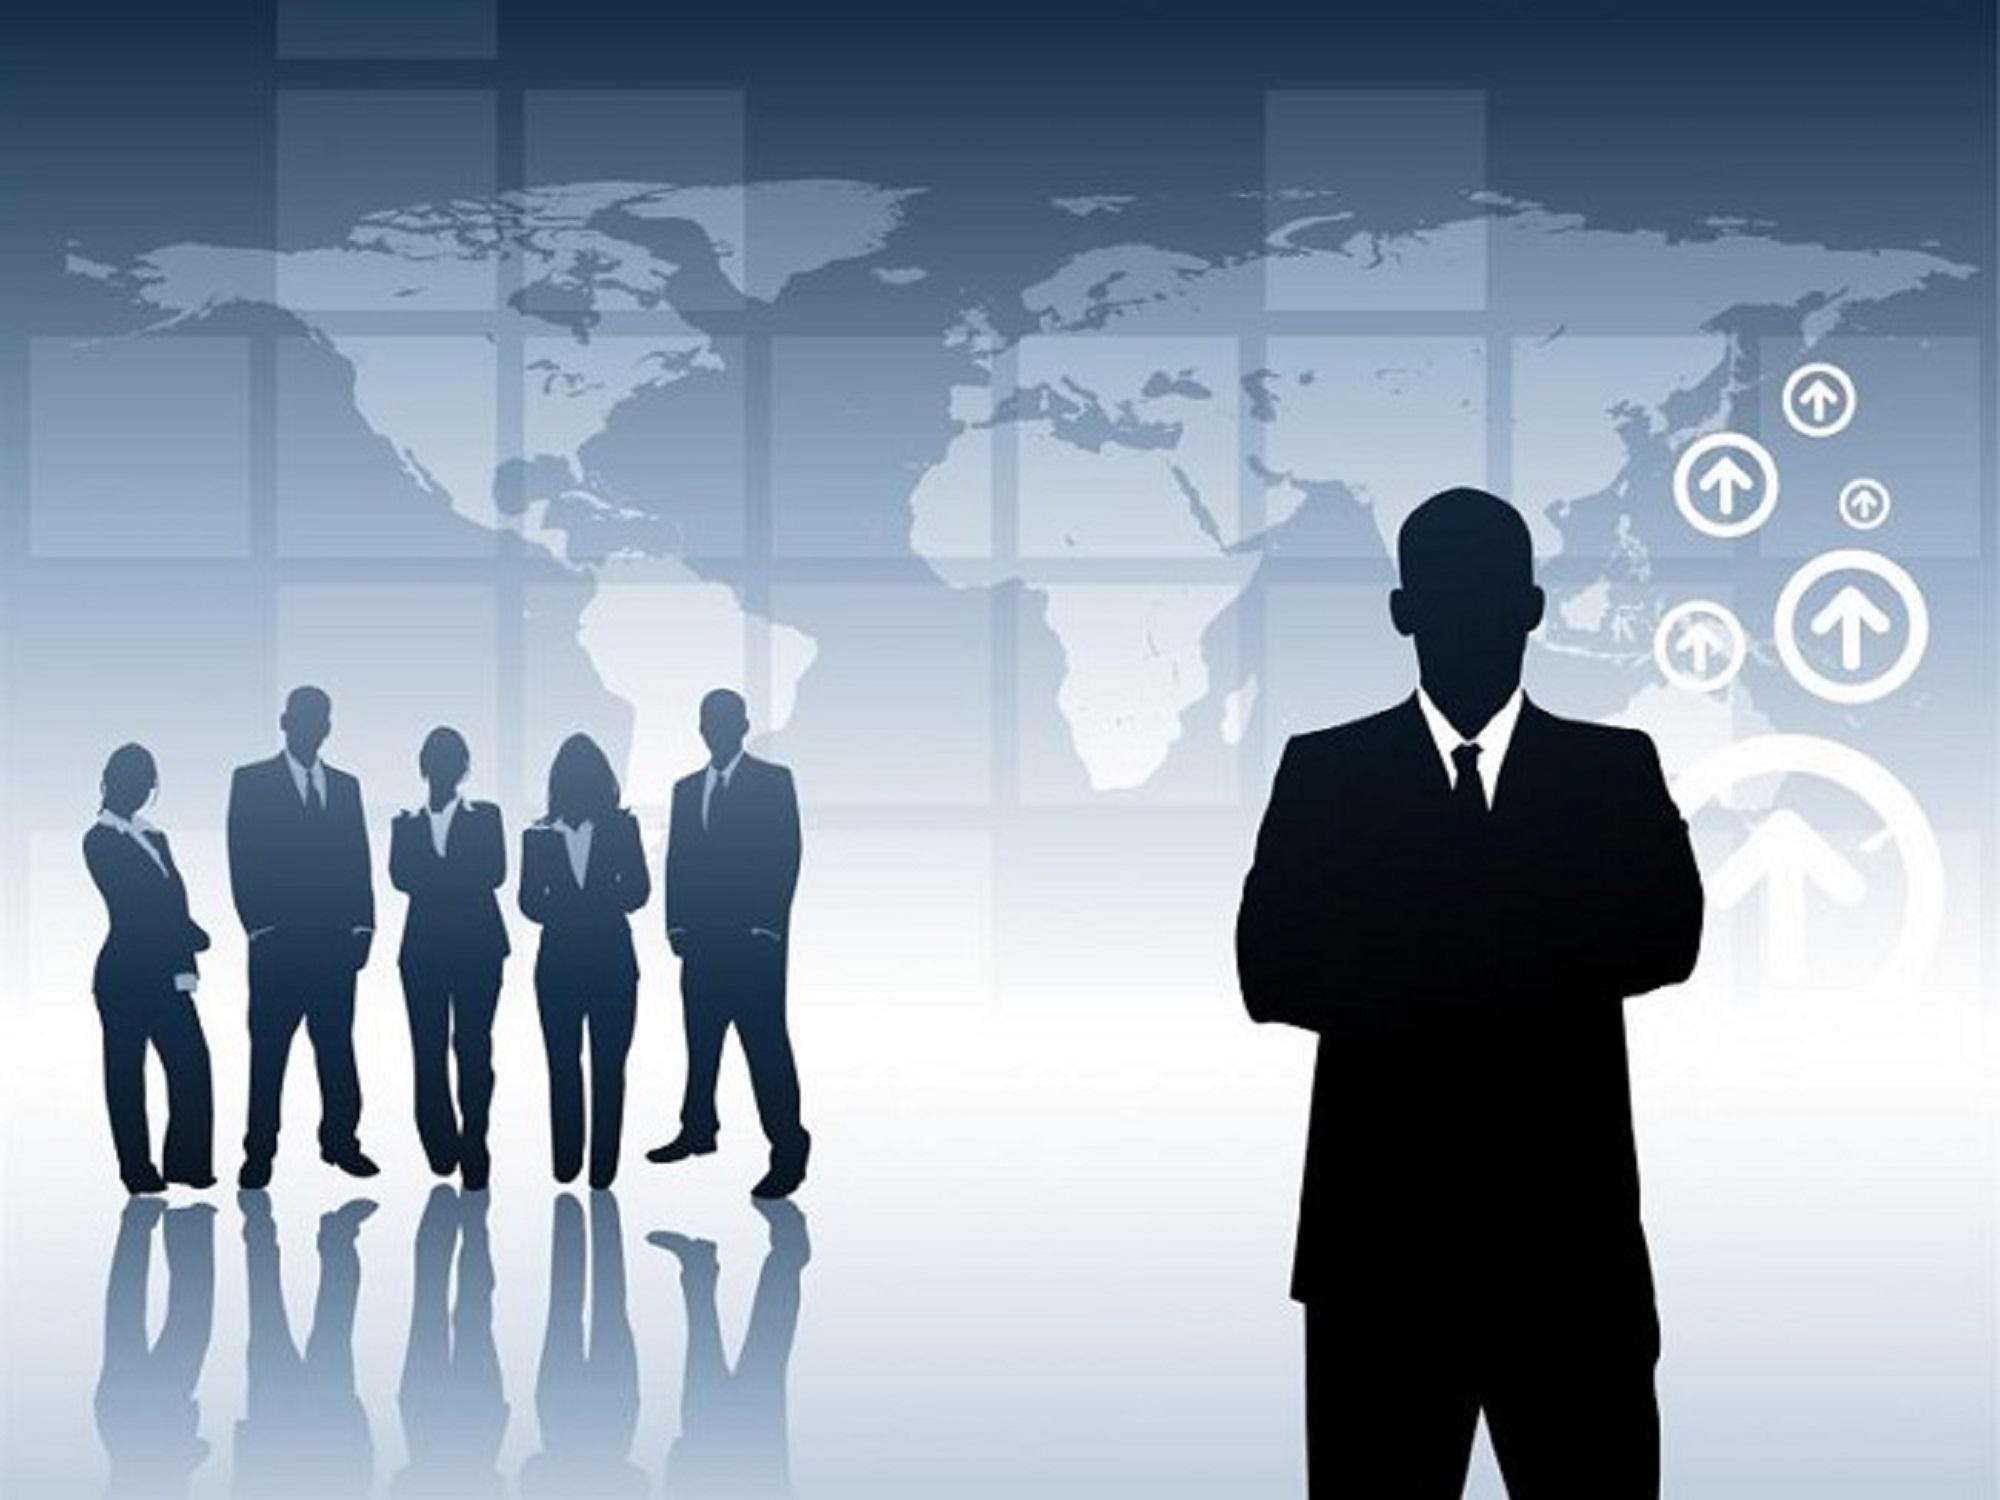 فرایند کارمندیابی : روش های پیدا کردن نیروی کار برای سازمان